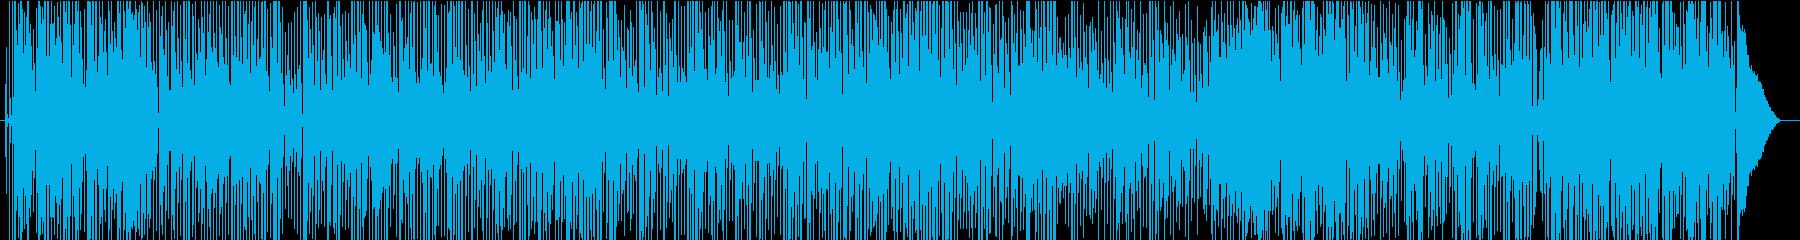 クラリネット、トランペット、トロン...の再生済みの波形